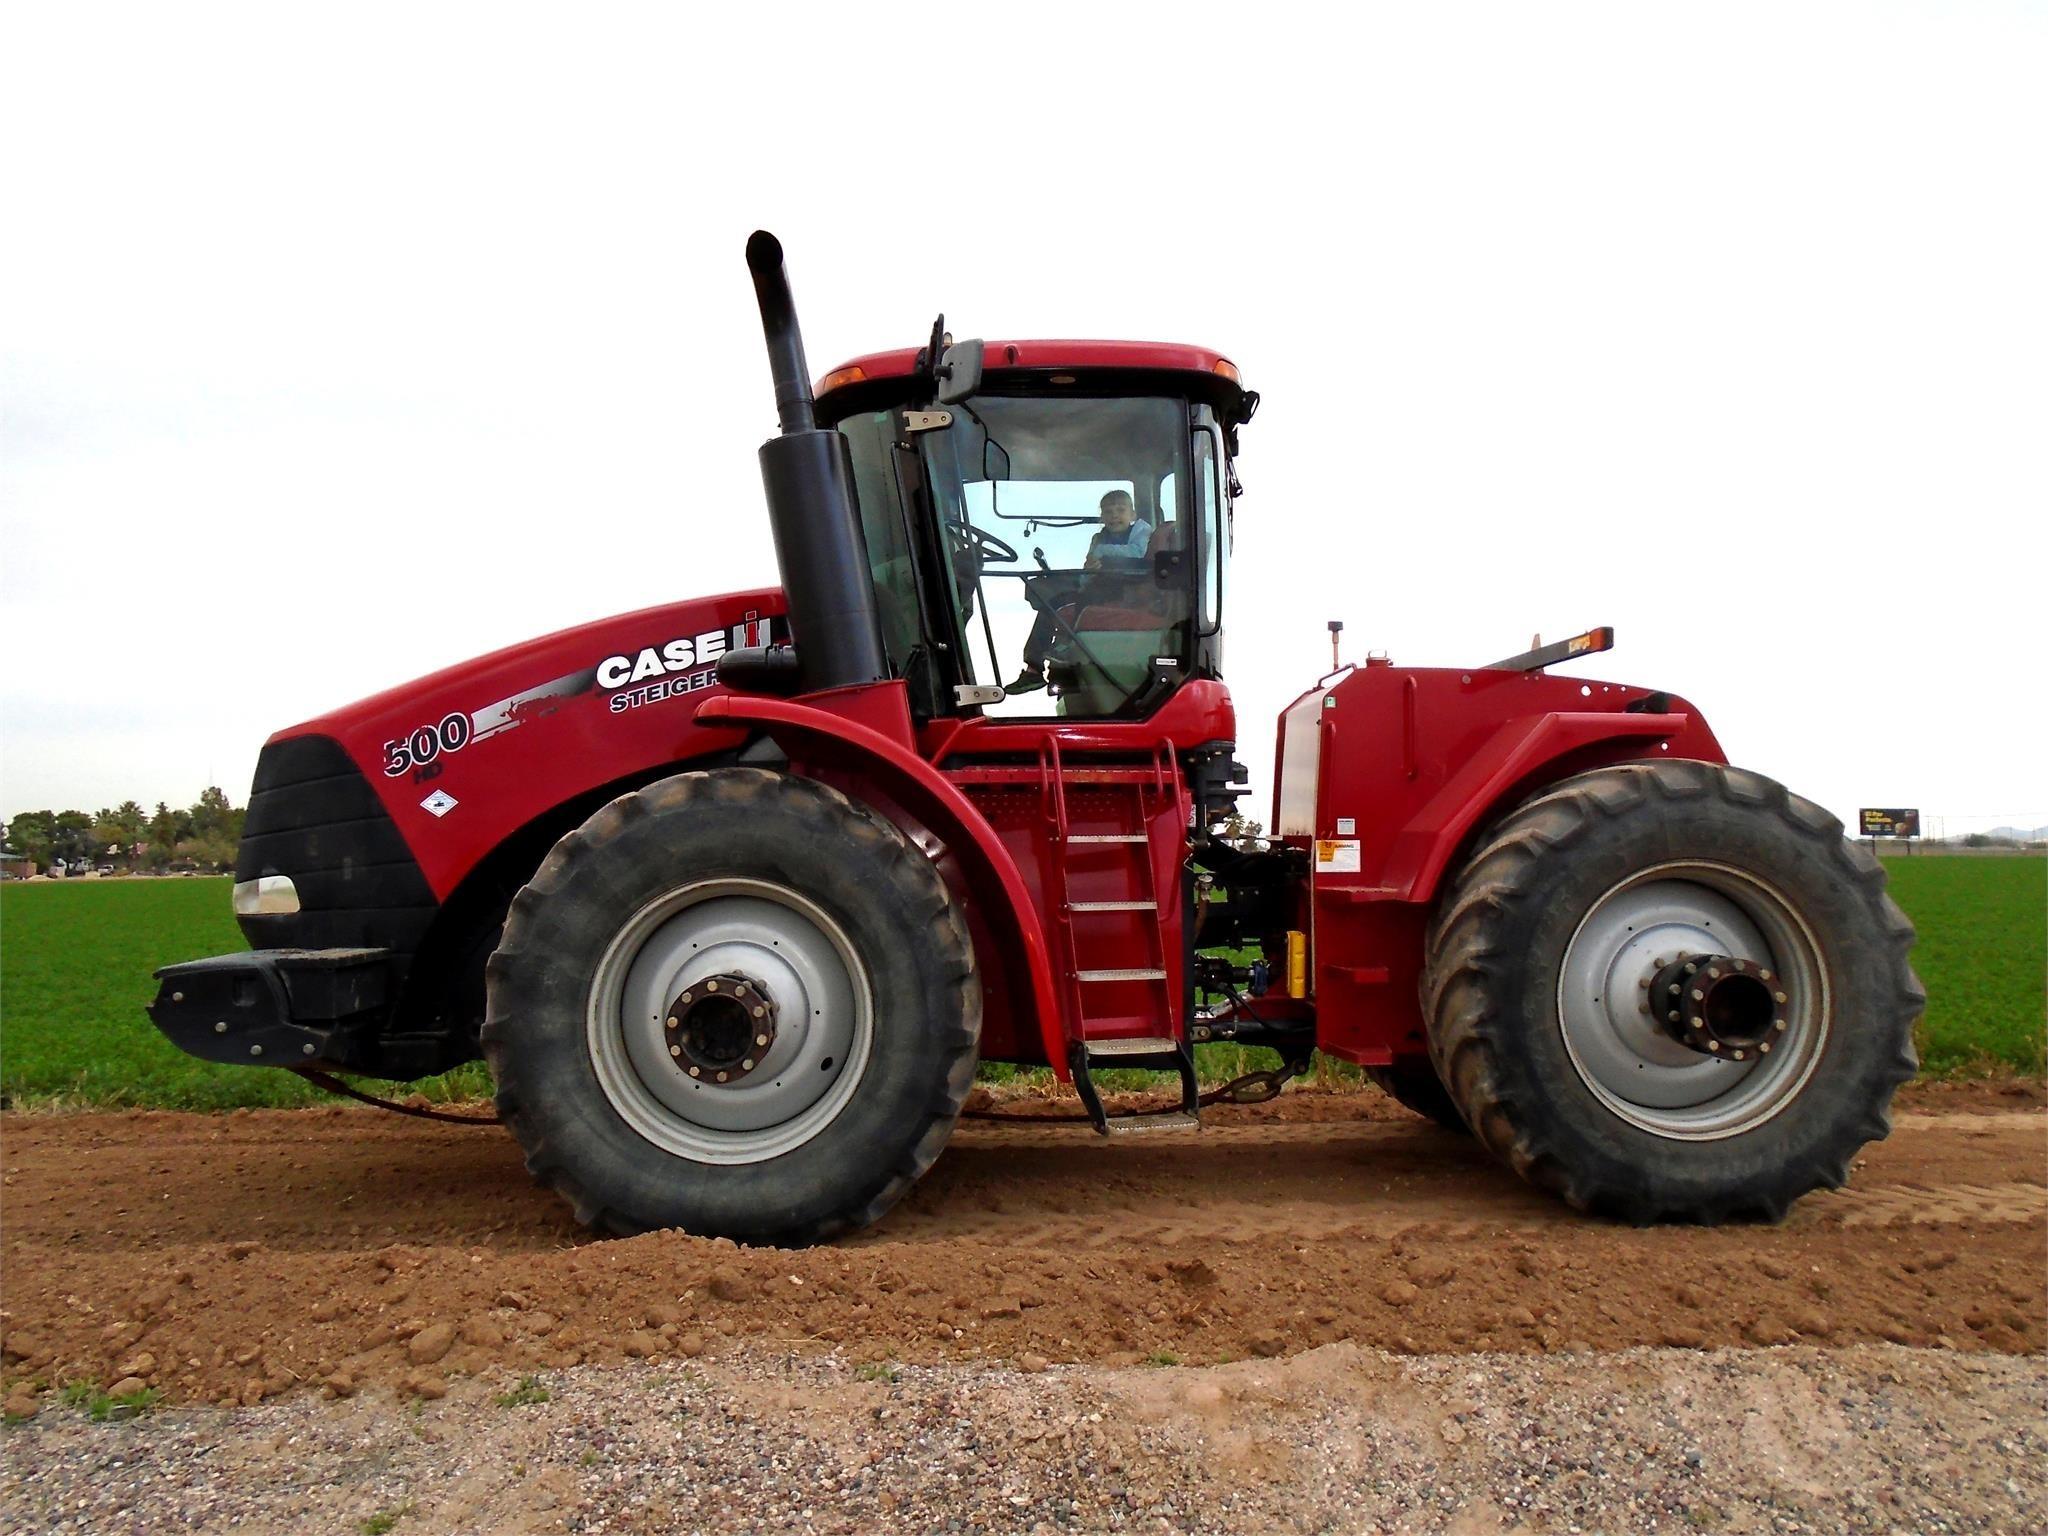 2012 Case IH Steiger 500 HD Tractor